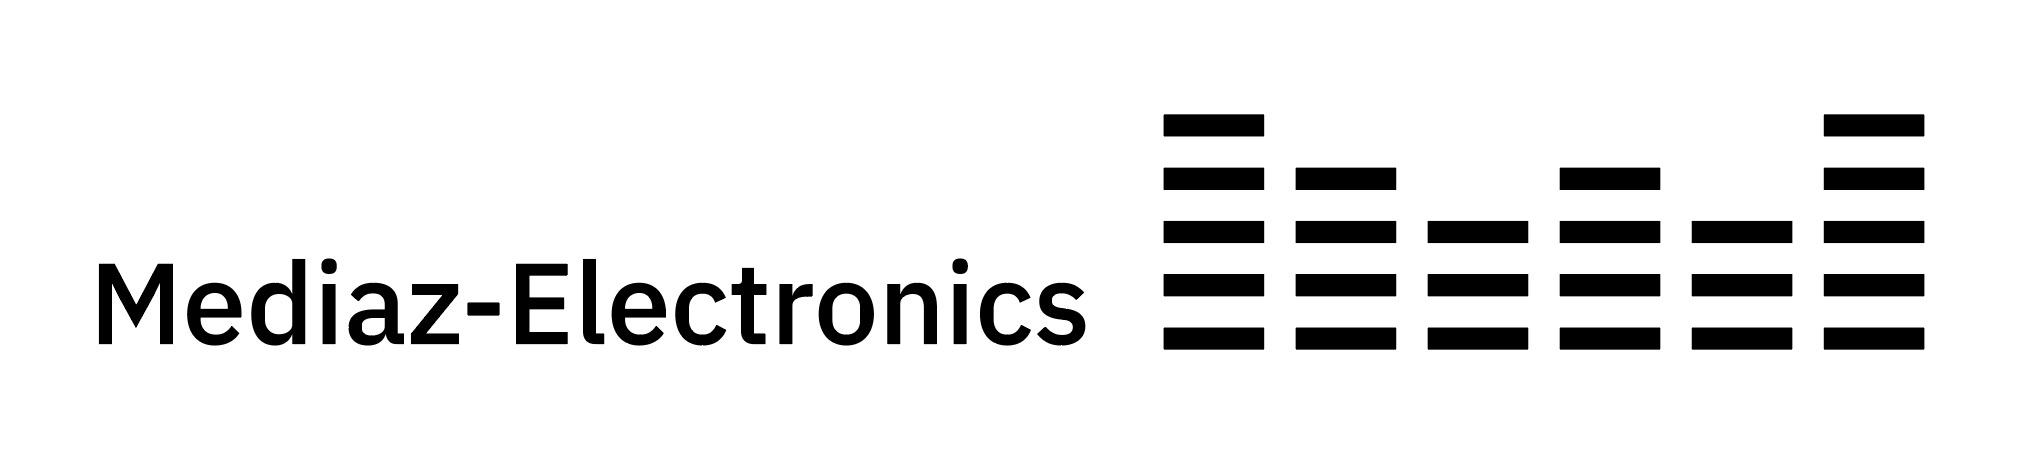 Mediaz-Electronics